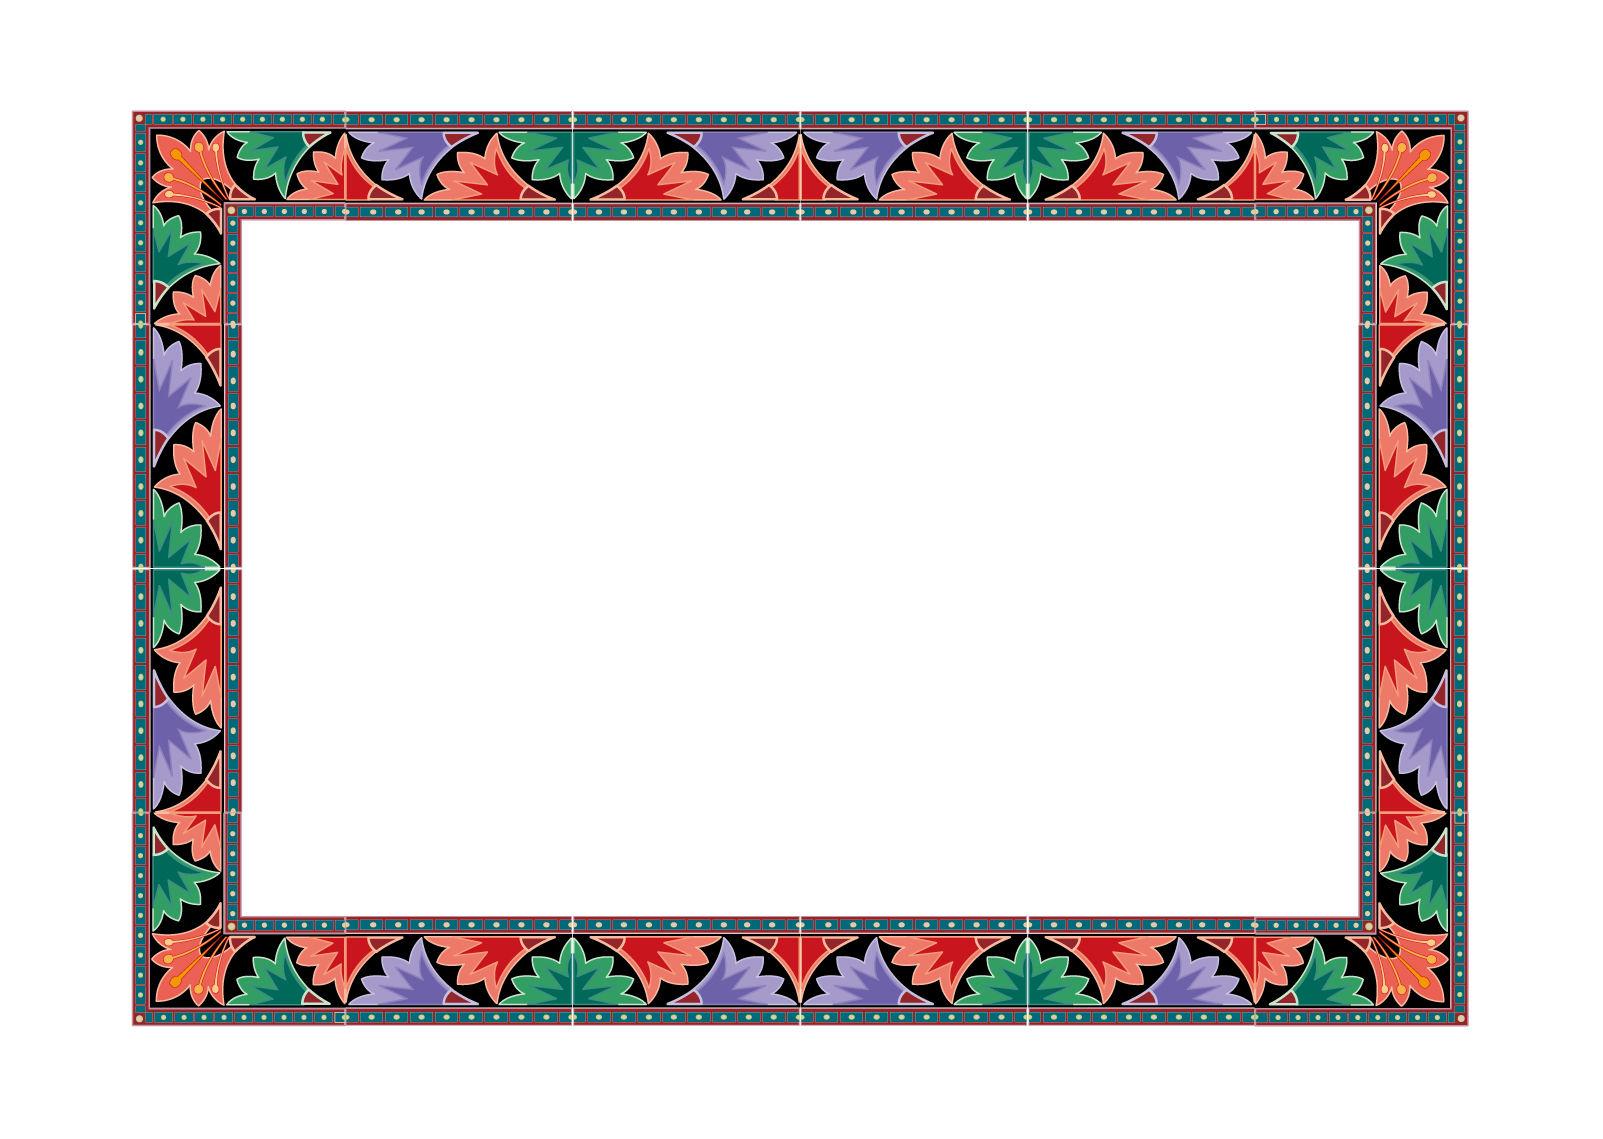 藏式花纹边框下载,主题为相框